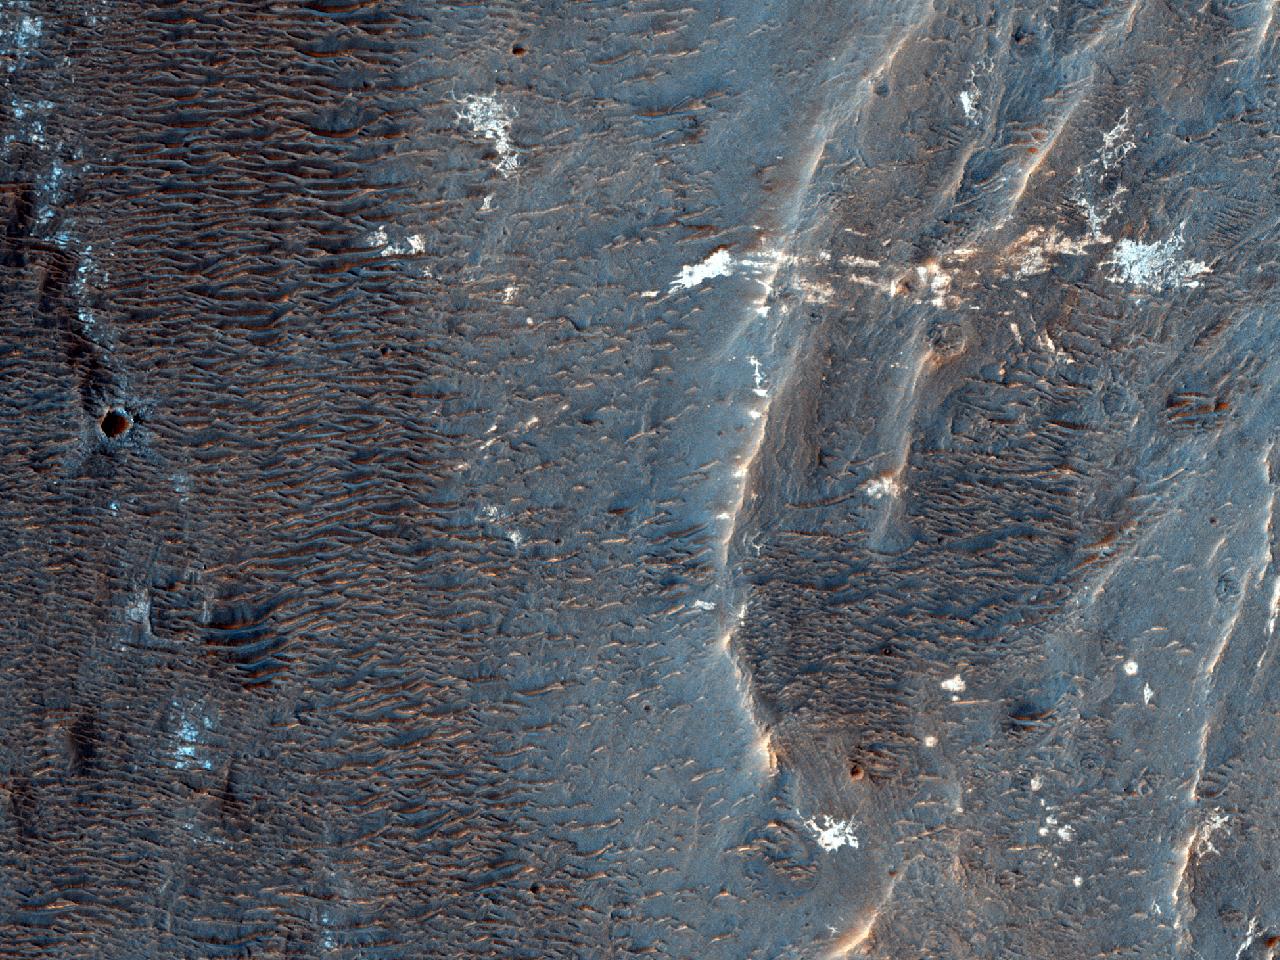 Sørlige kant og gulv av Vinogradov krateret